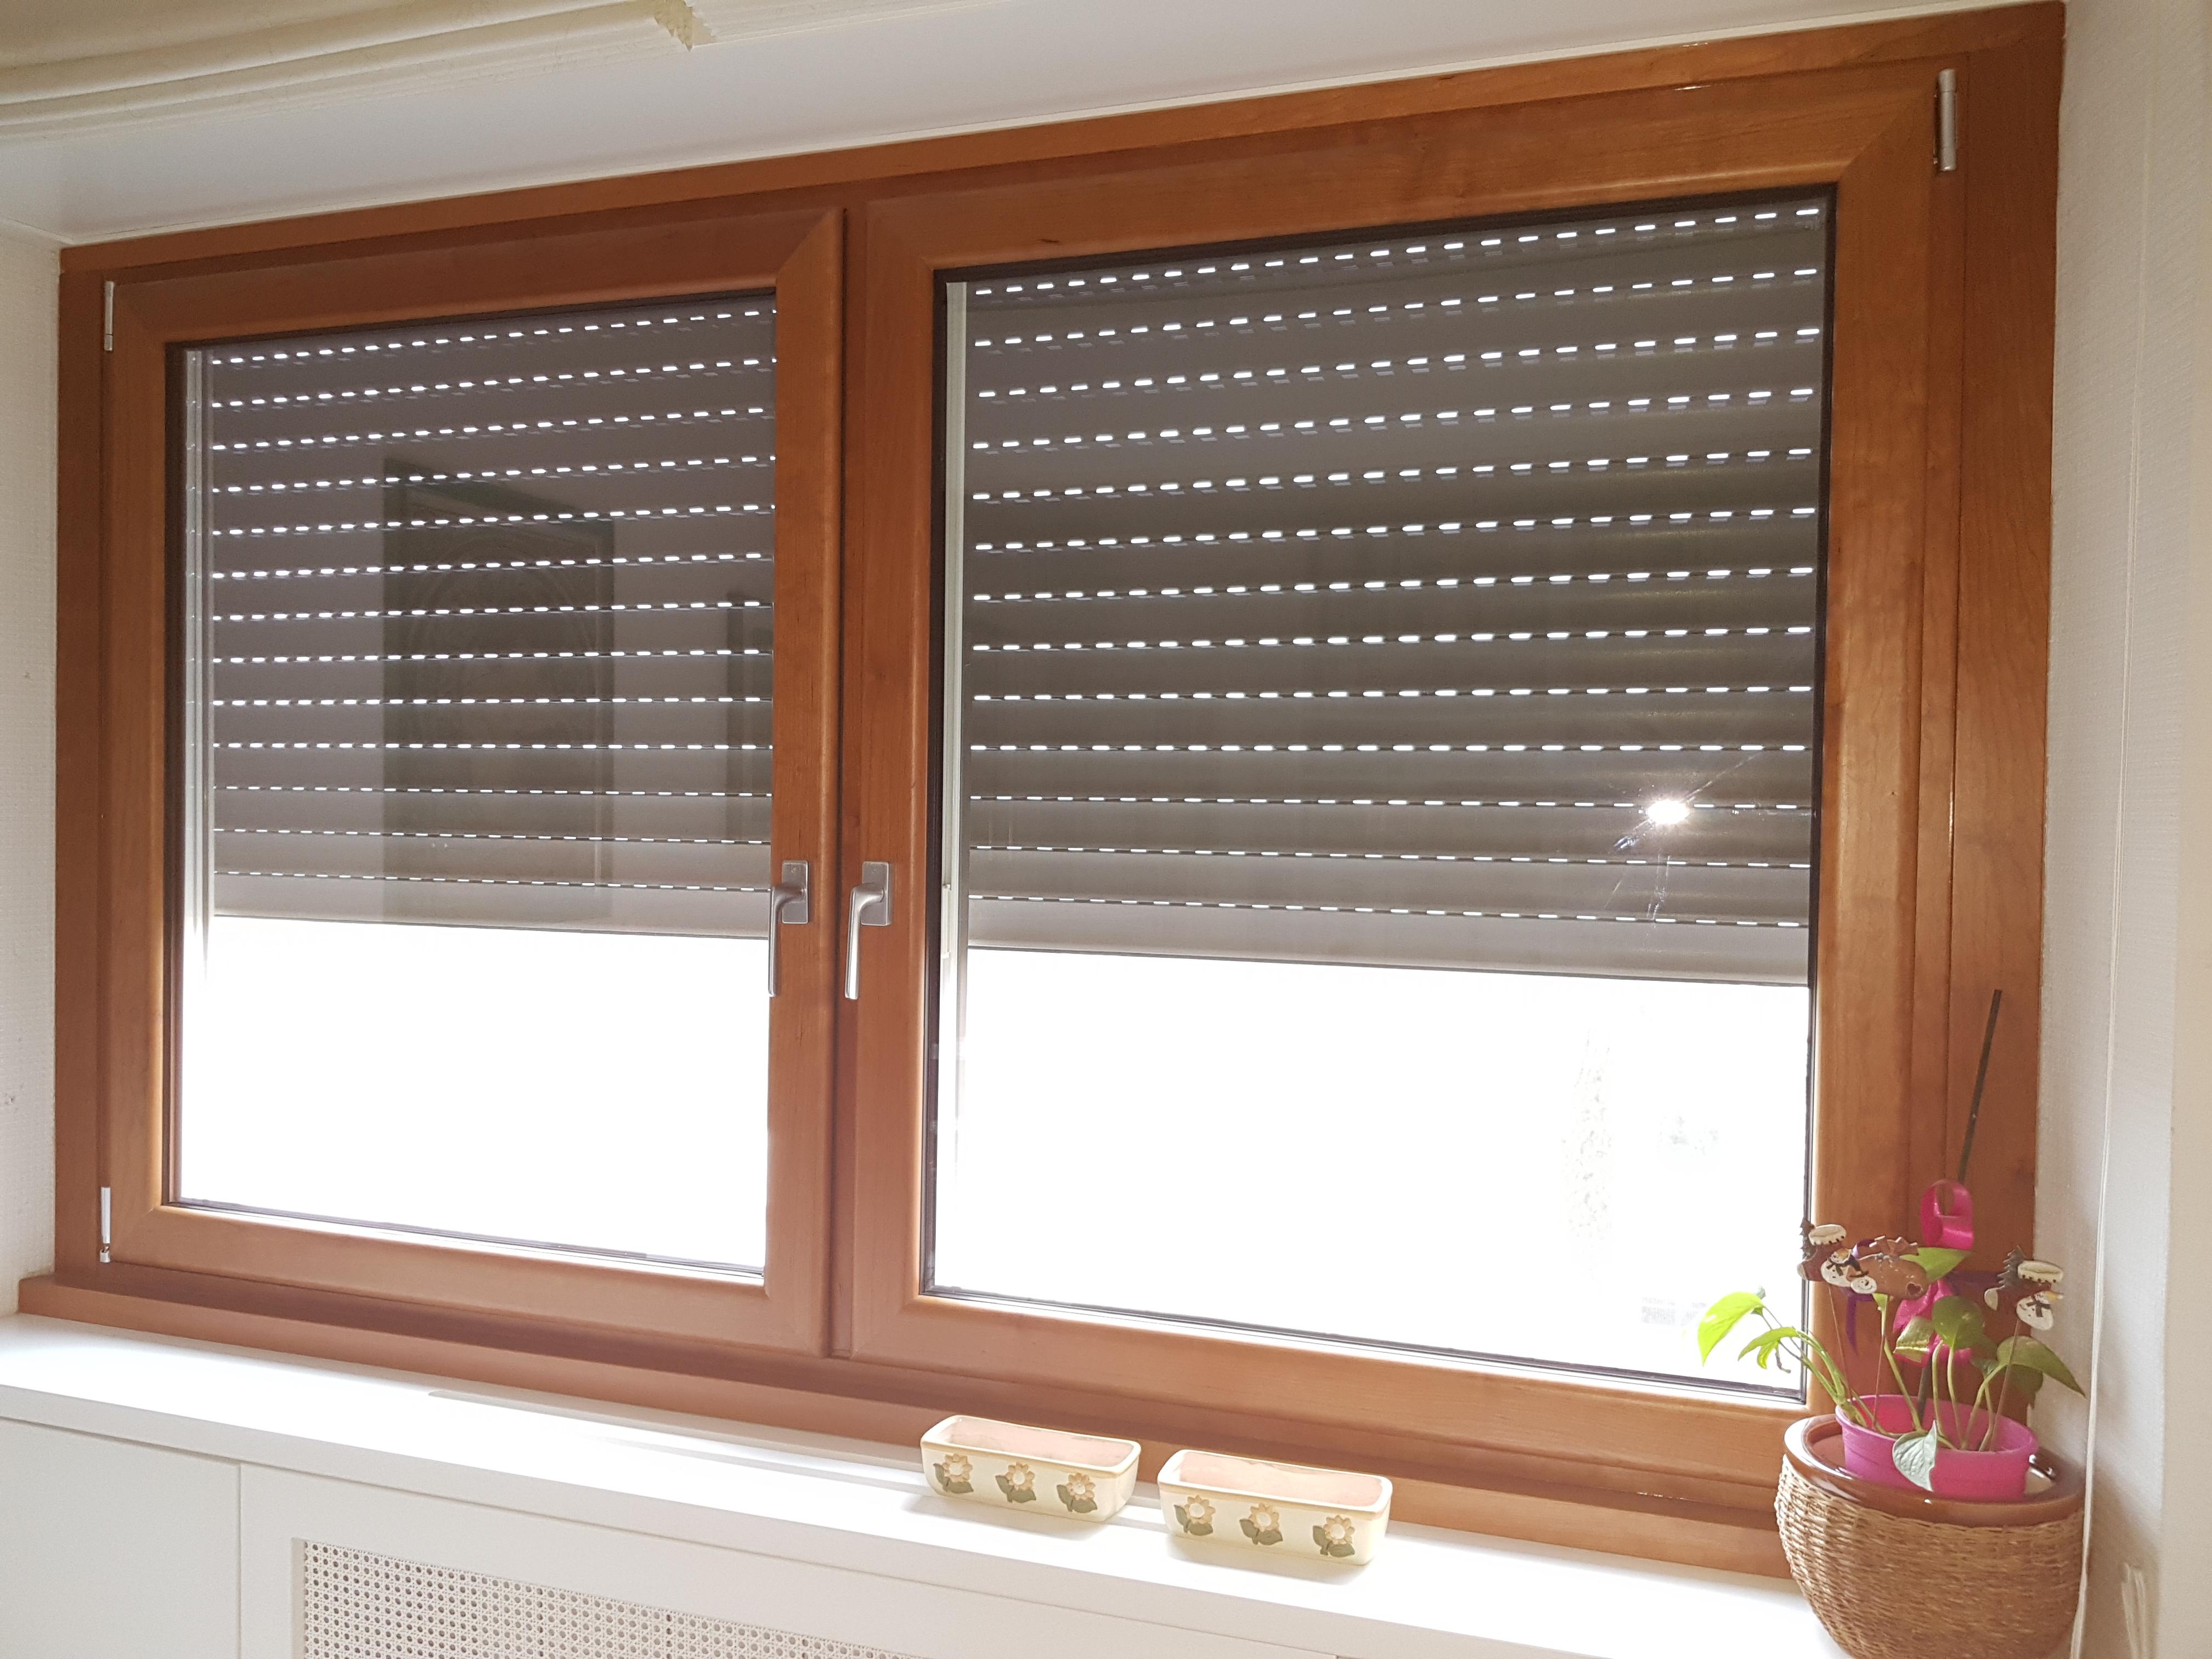 Fotografia di una finestra in alluminio-legno All.Co.Wood ciliegio interno e Ral 9010 esterno, con accessori cromo satinati.